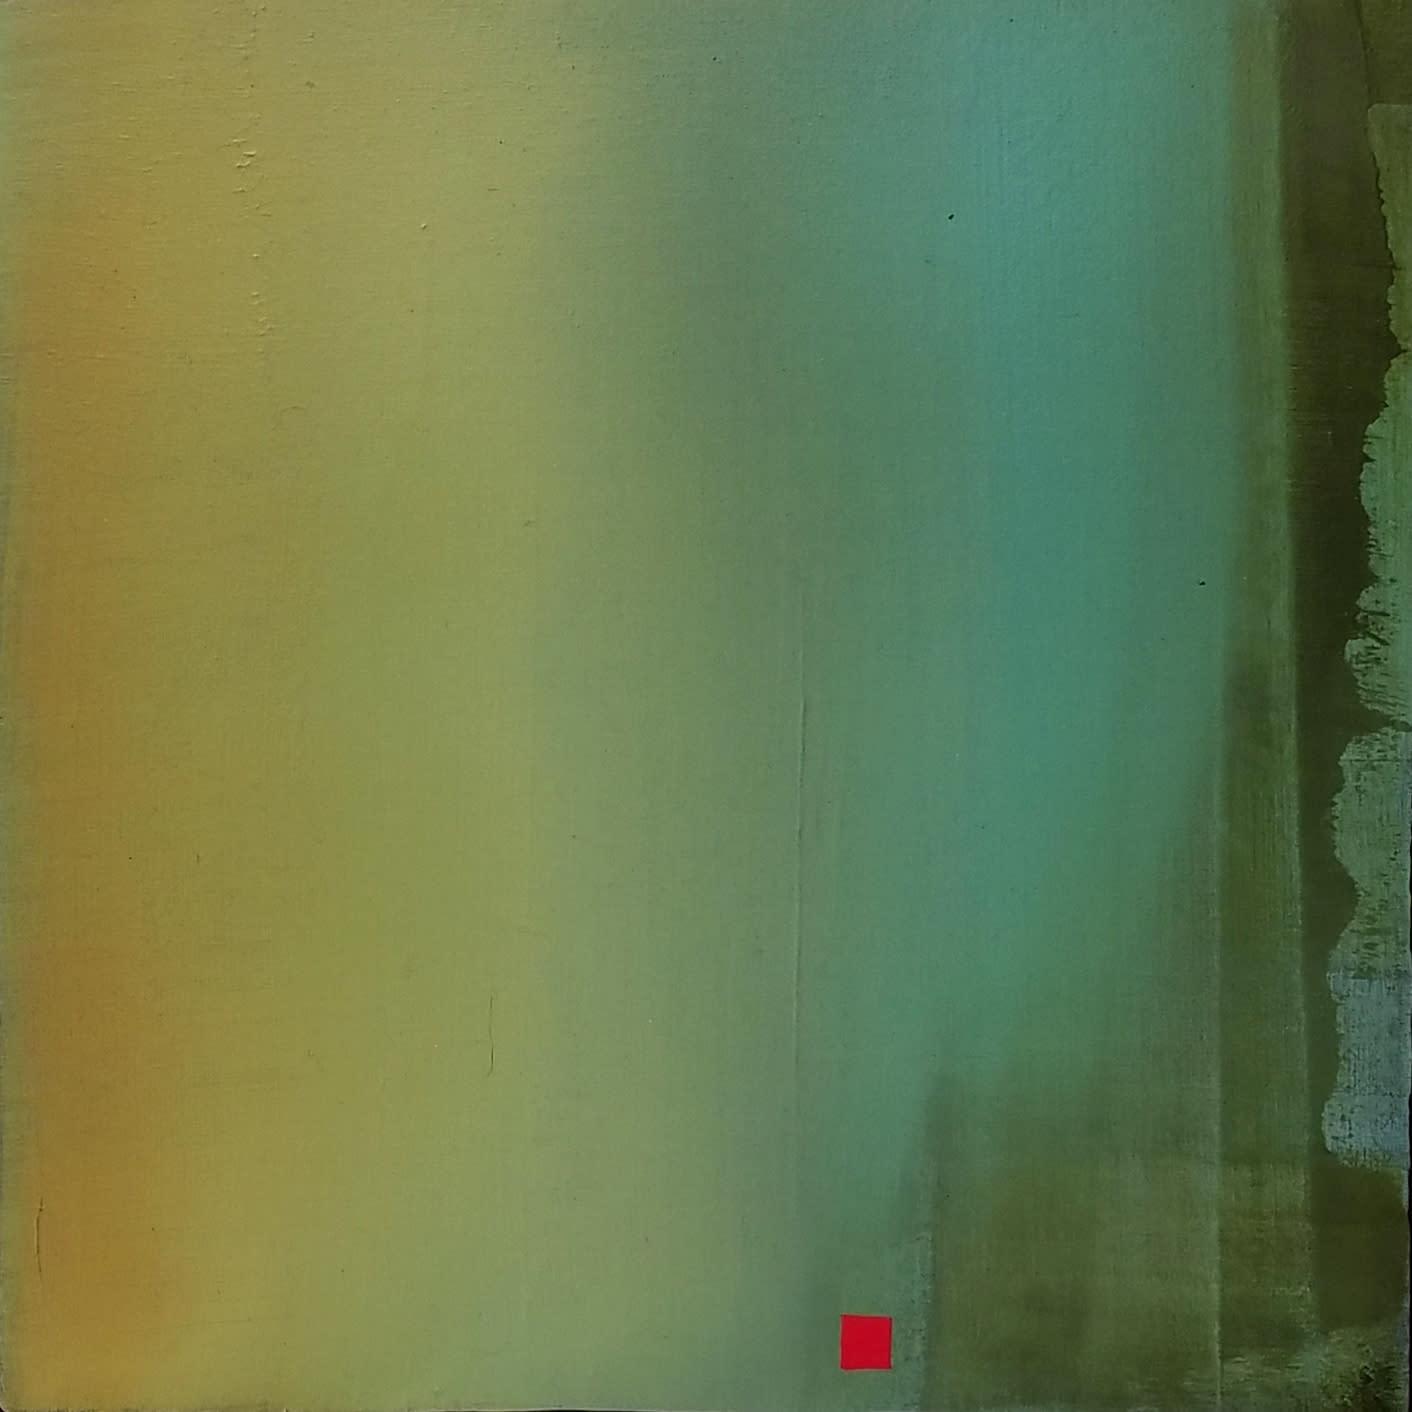 Colorbox 4 qfvksq